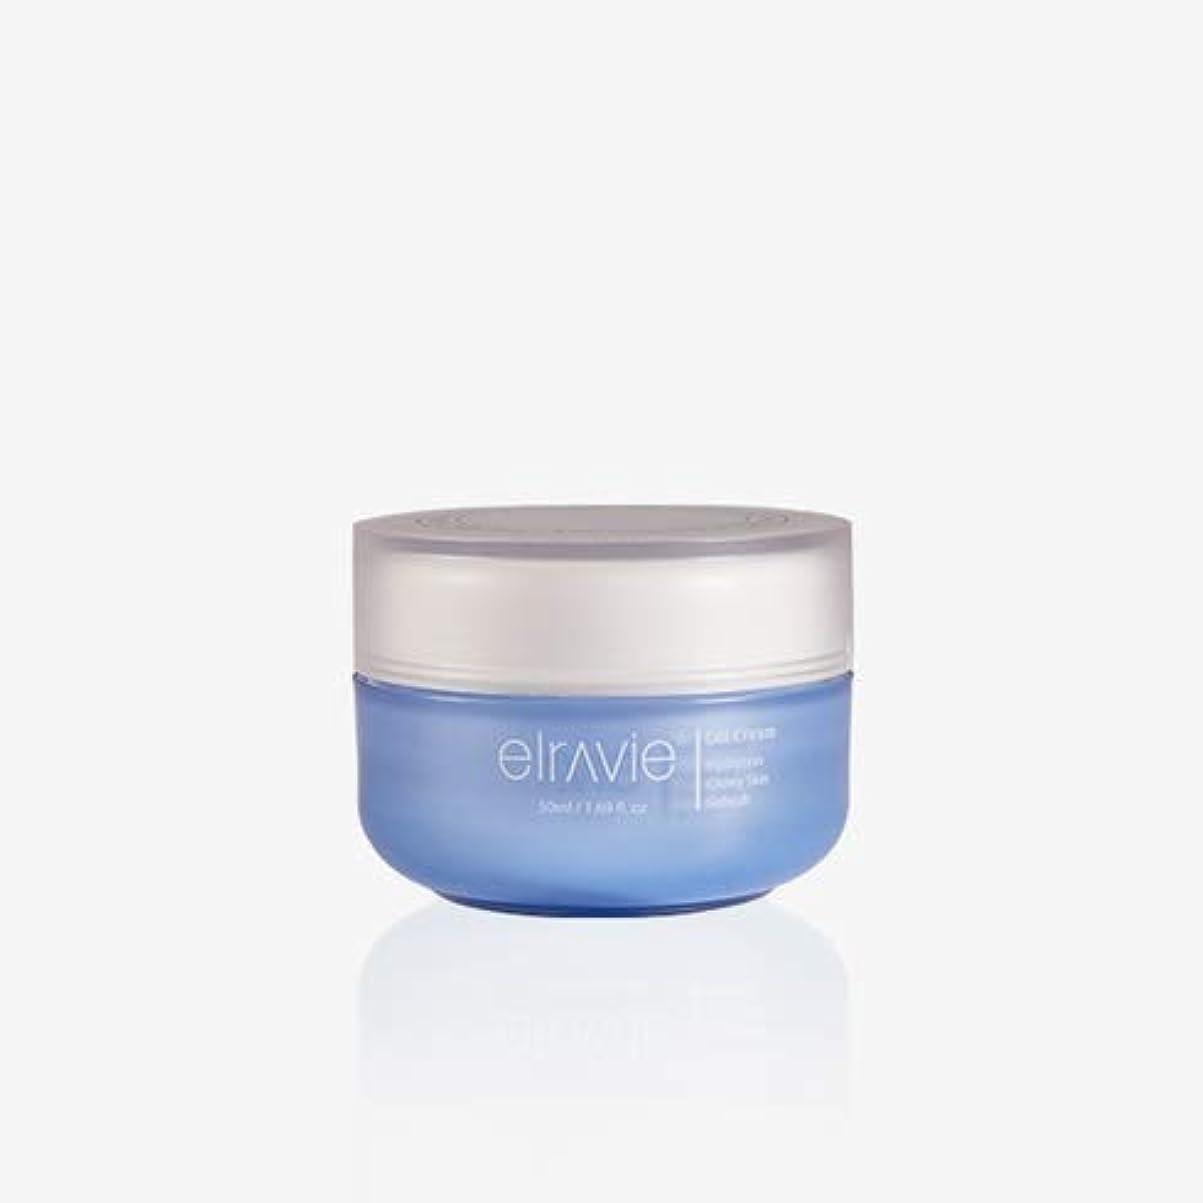 非難する遮る炎上エラヴィー[Elravie] ダーマハイドロエクステンデッドハイジェルクリーム50ml / Derma Hydro Extended Hyal Gel Cream